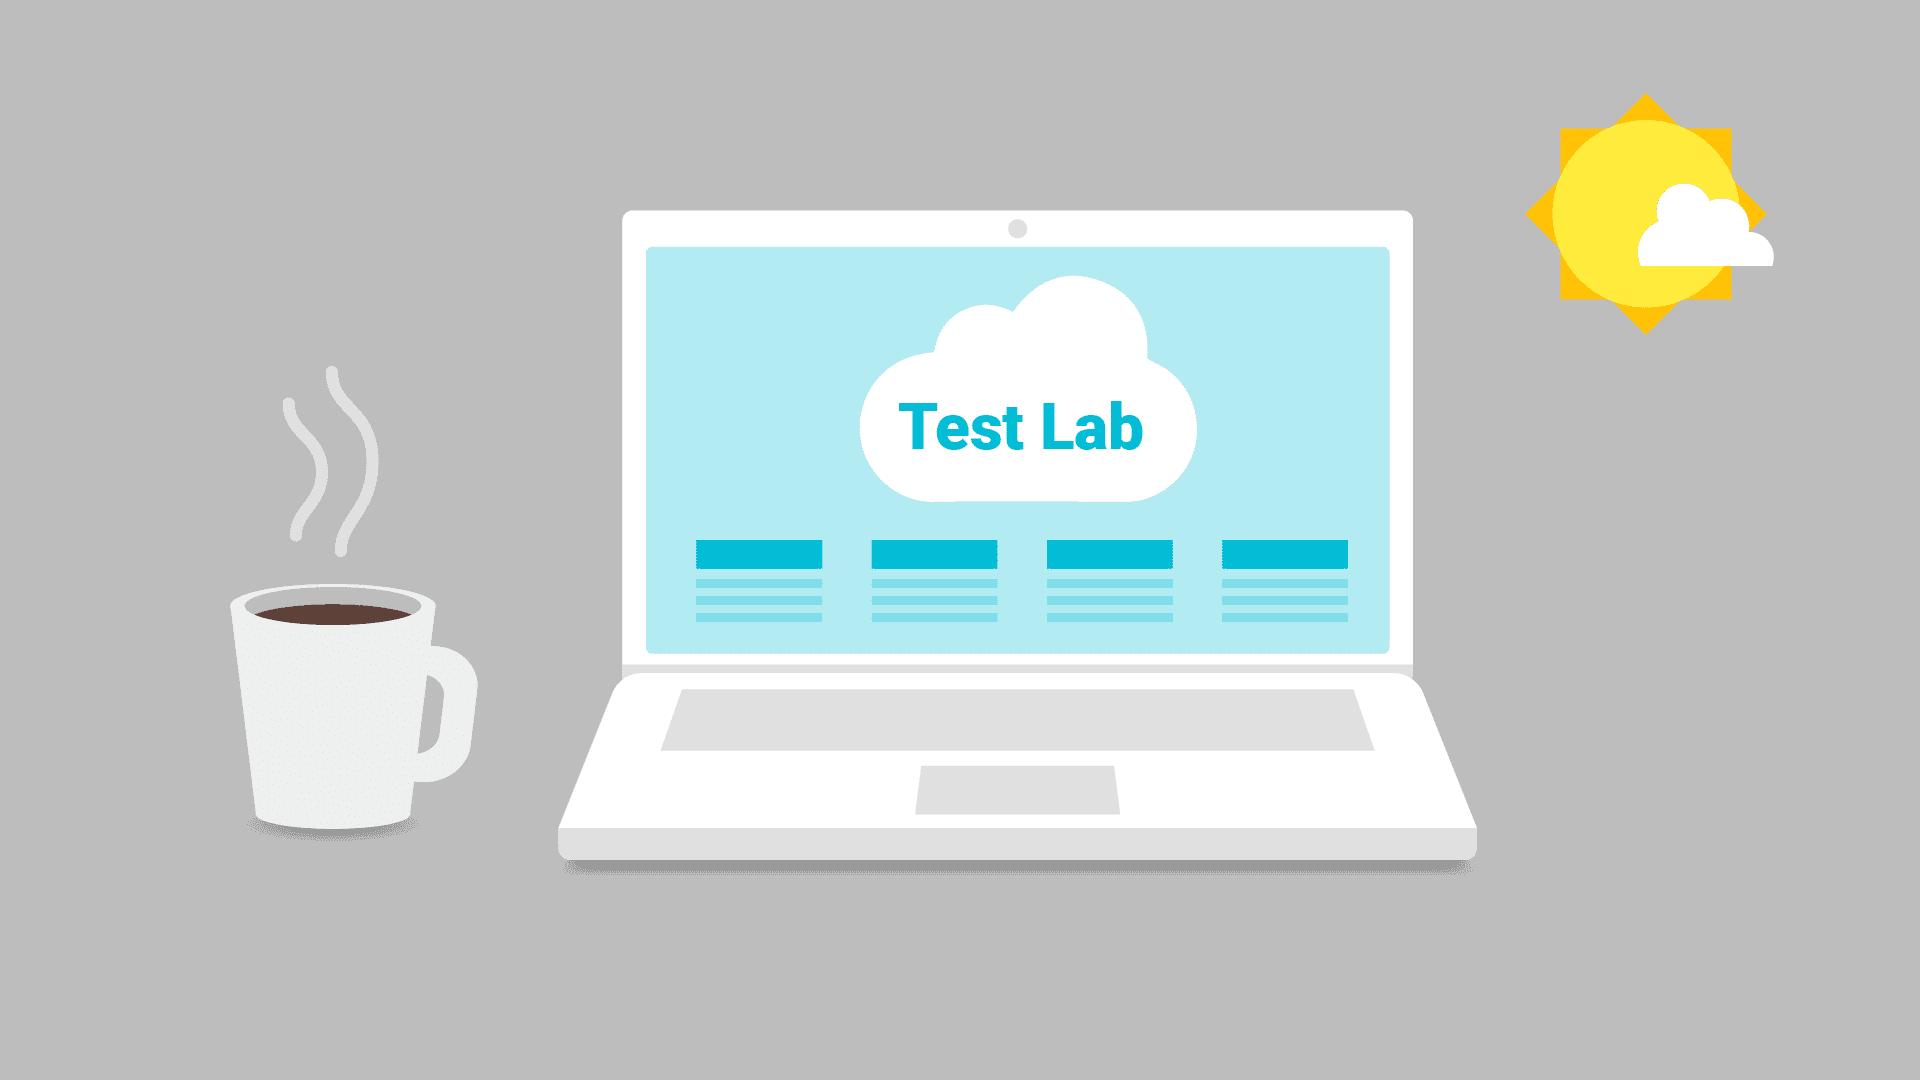 屏幕上显示 Test Lab 的笔记本电脑